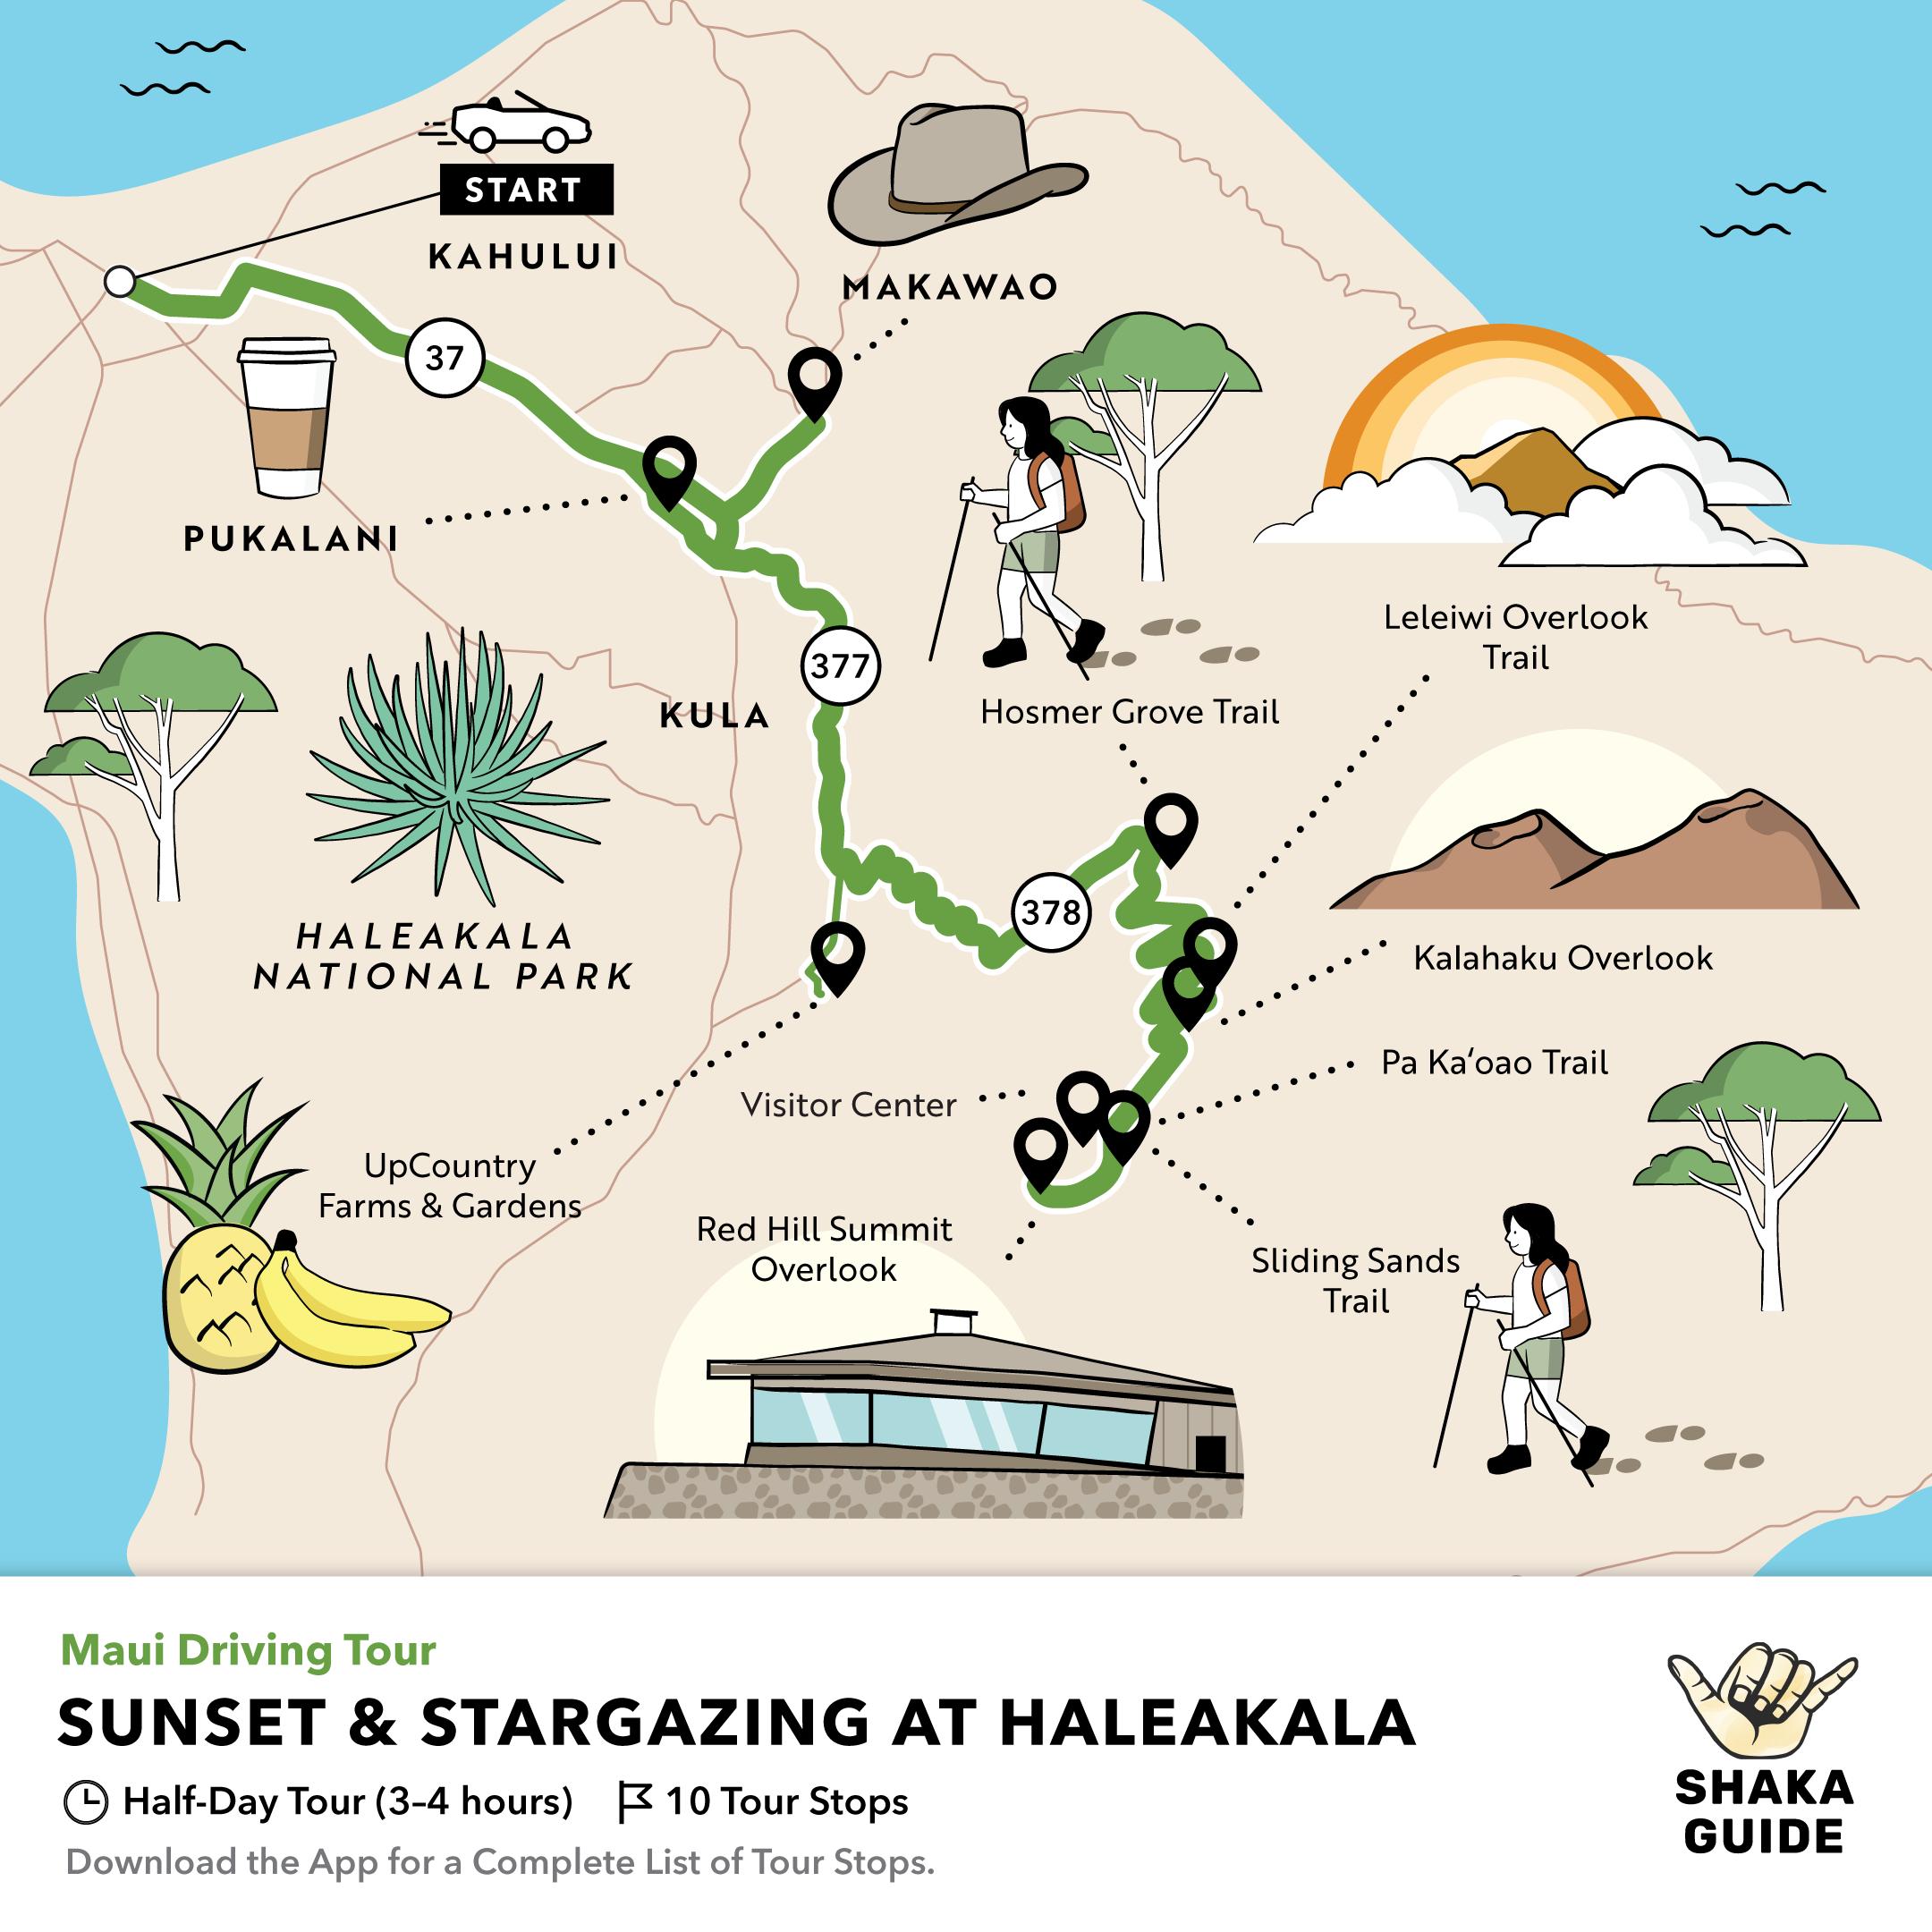 Shaka Guide's Sunset & Stargazing Haleakala Tour